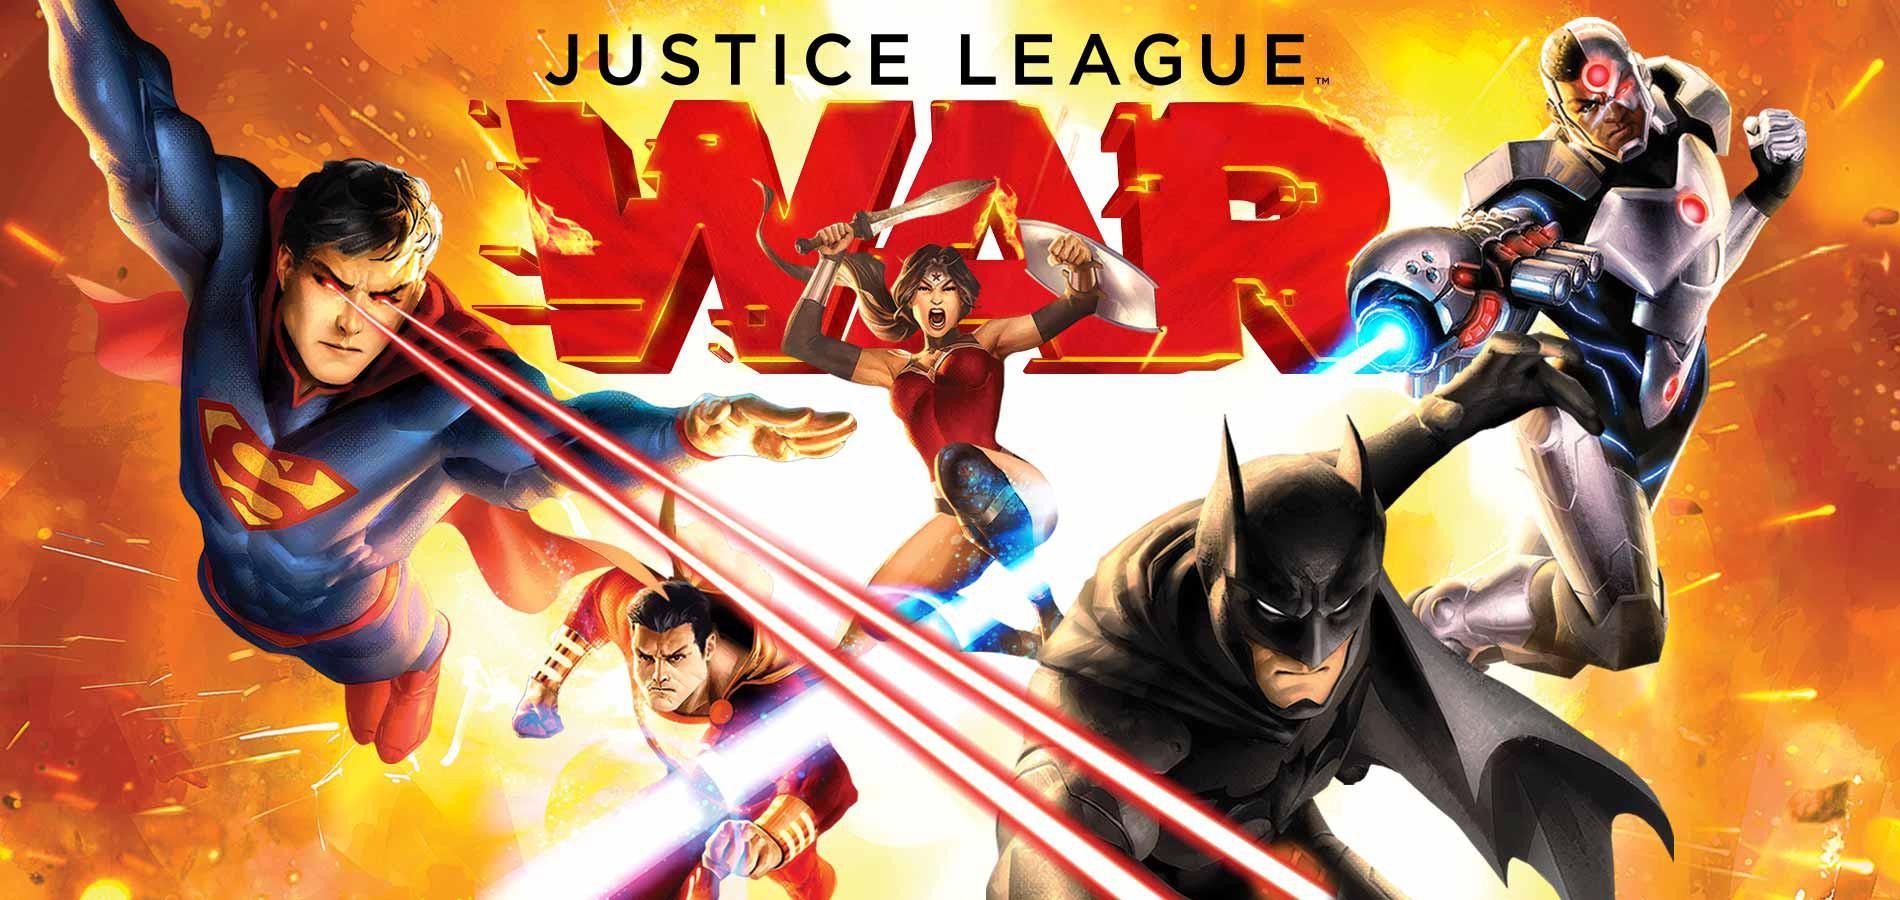 Đố bạn Justice League bản điện ảnh có gì khác với Justice League: War?-1 Đố bạn 'Justice League' bản điện ảnh có gì khác với 'Justice League: War'?